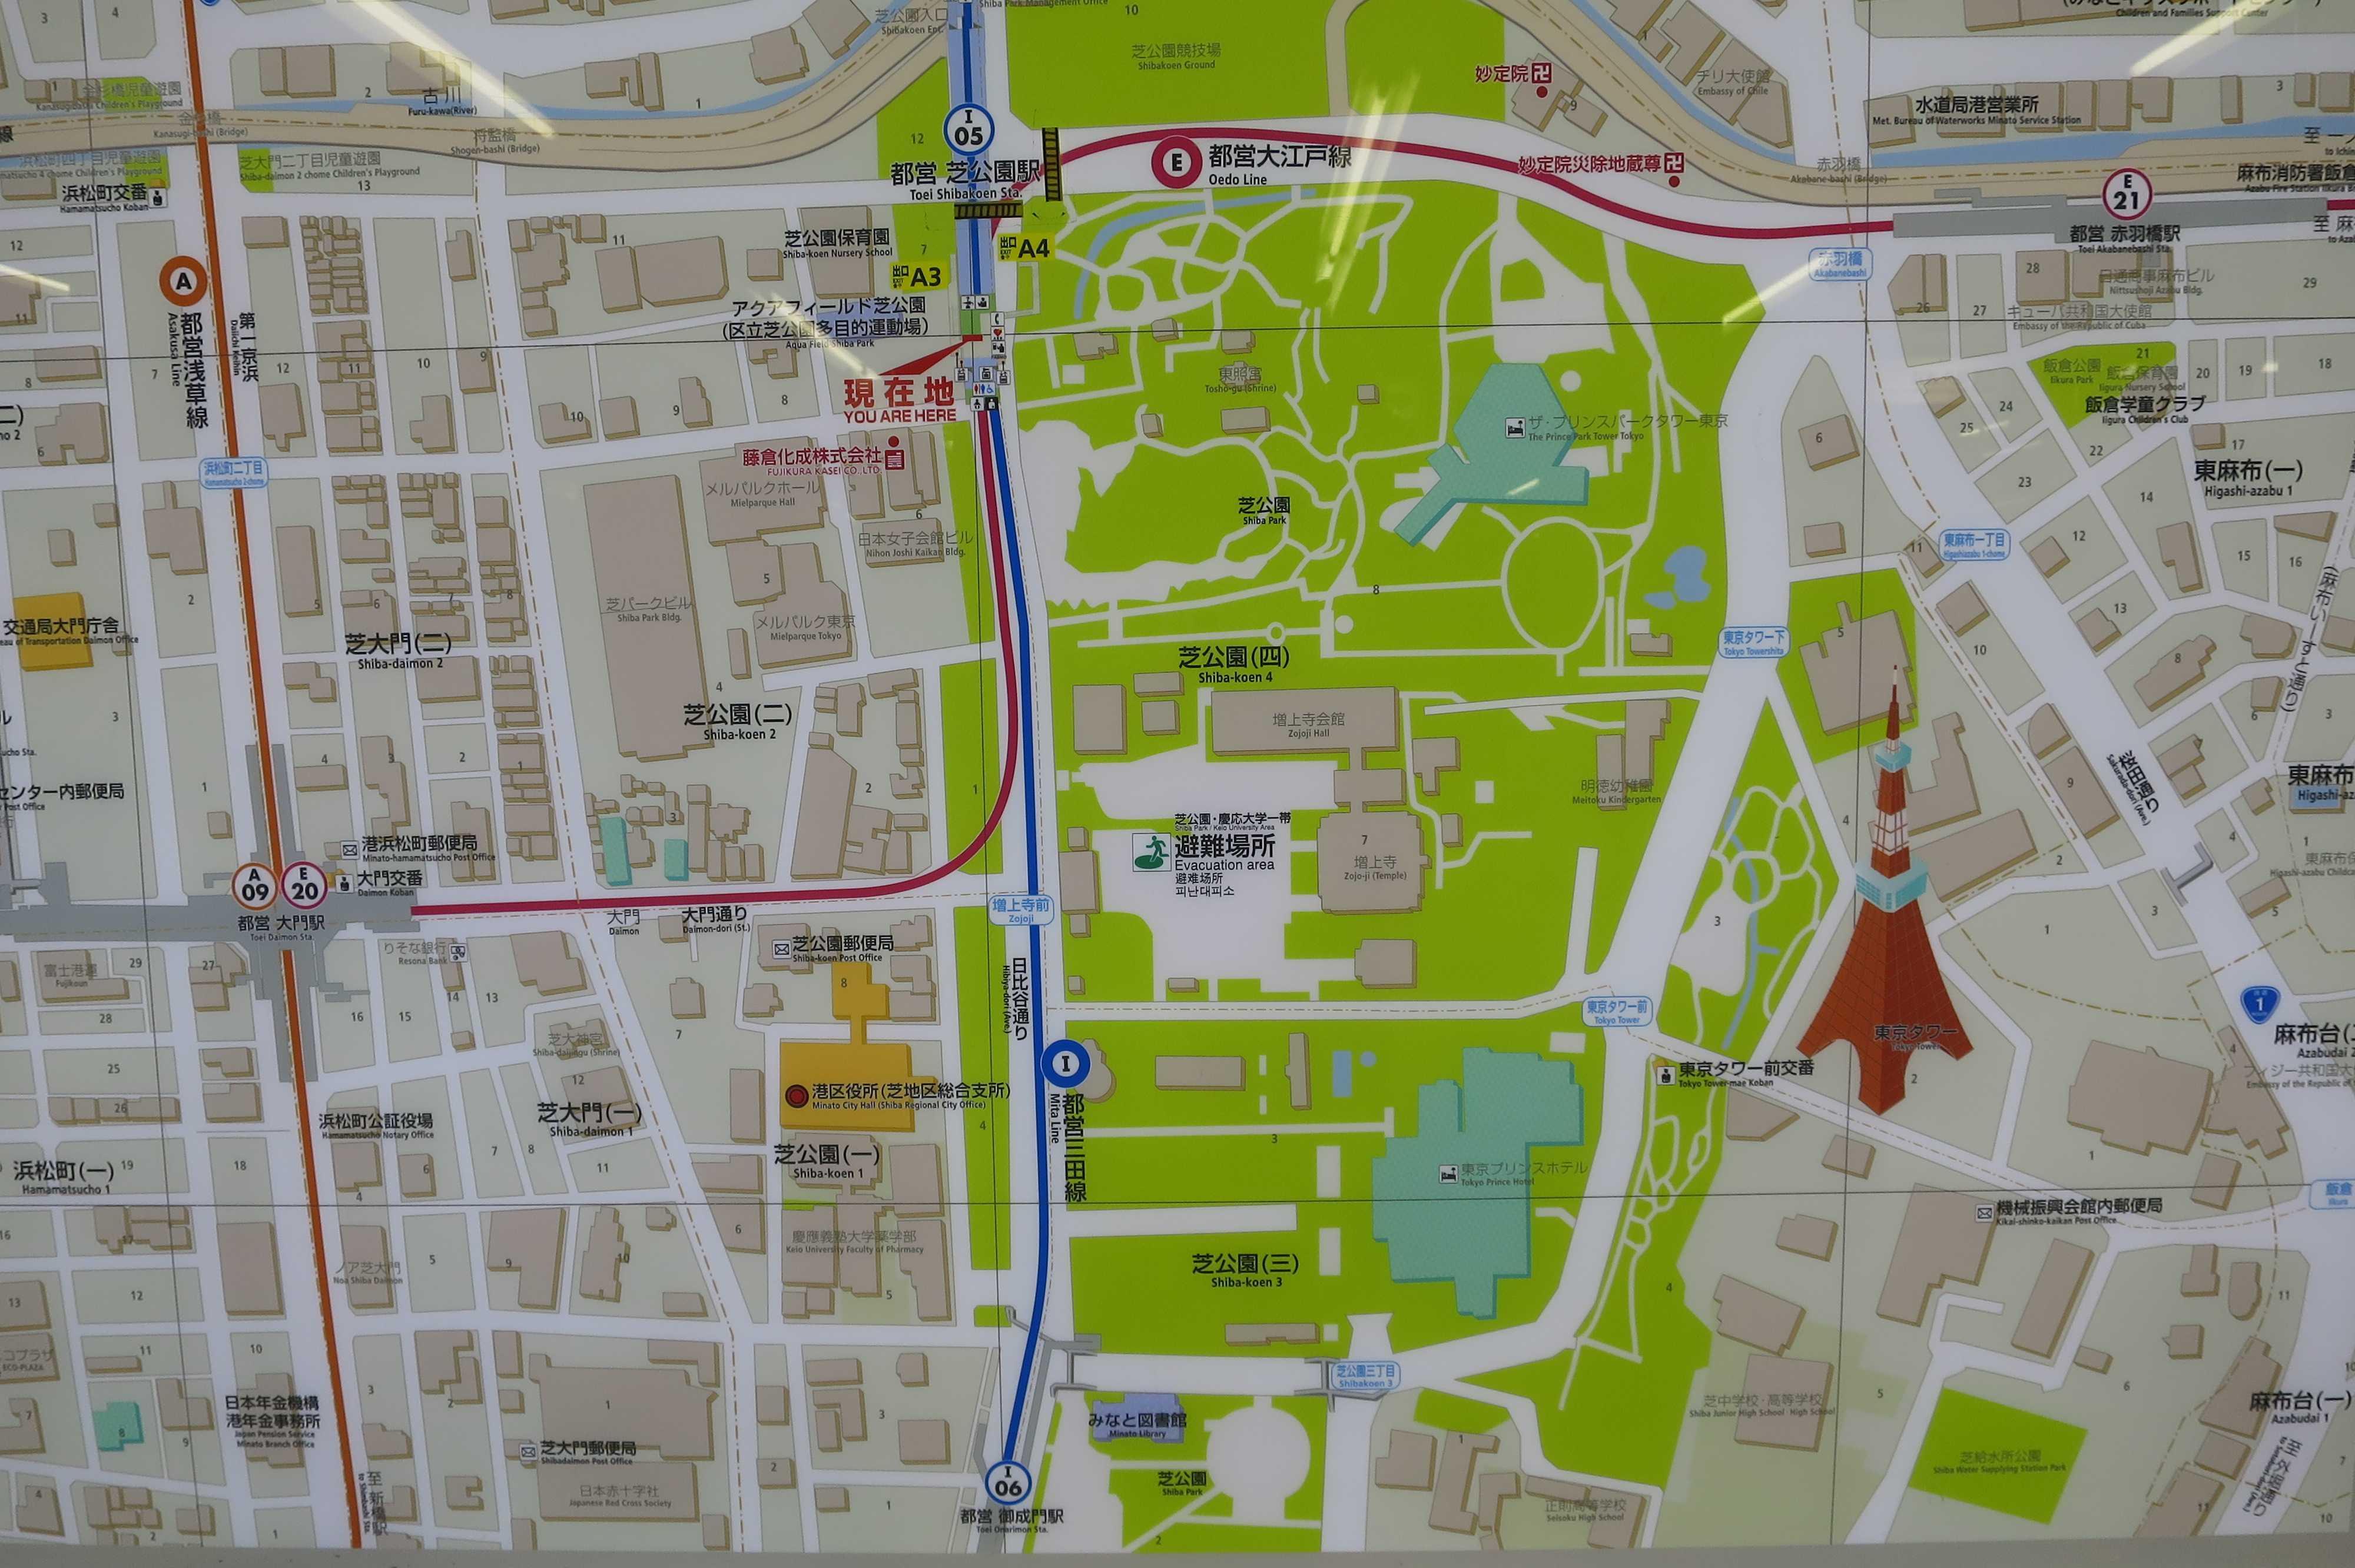 芝公園の地図(マップ)